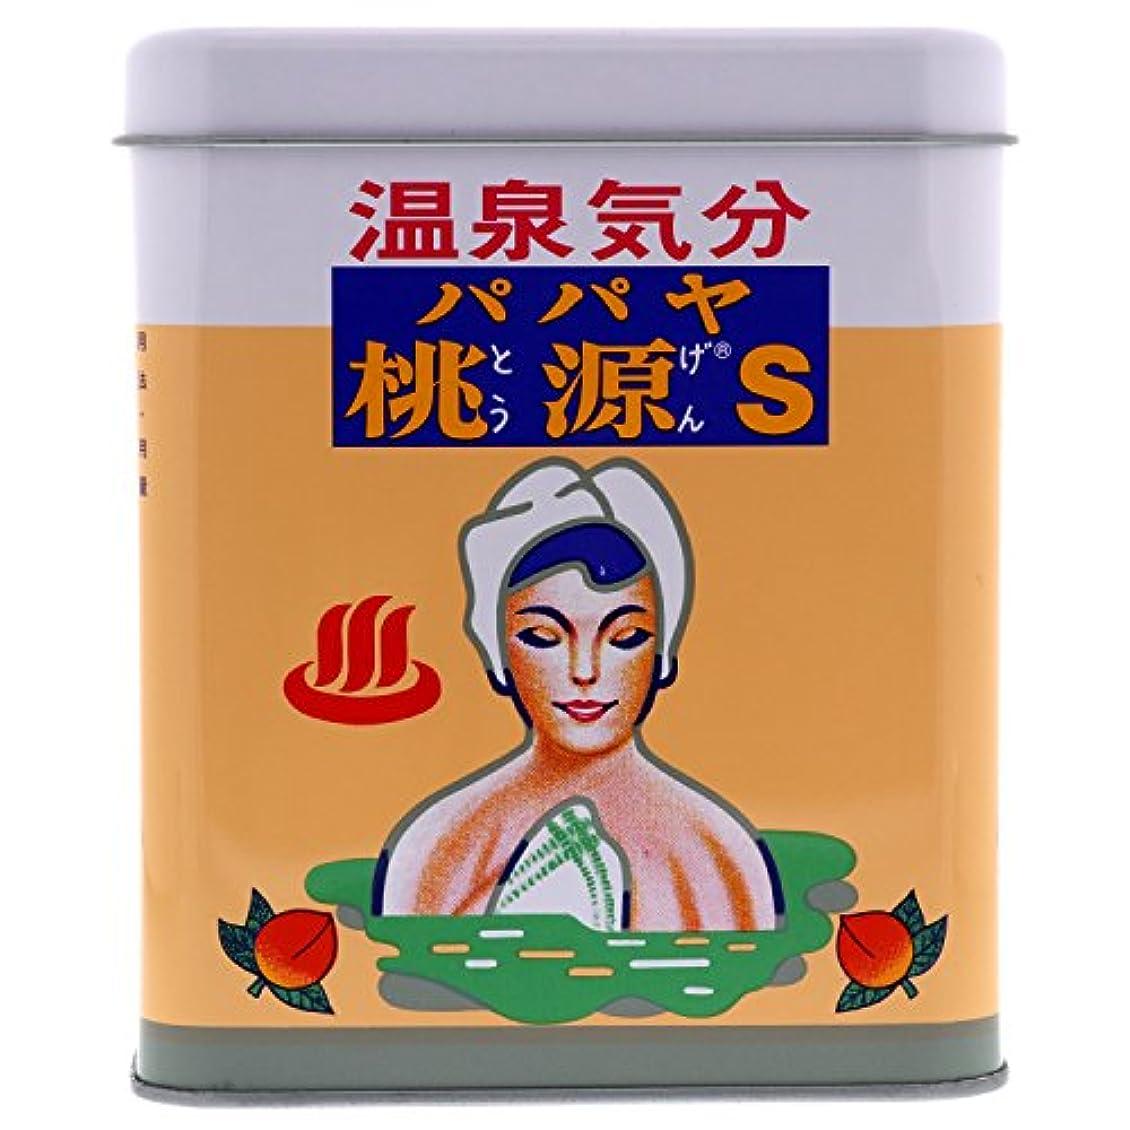 弾力性のあるポジティブそこからパパヤ桃源S 700g 缶 [医薬部外品]